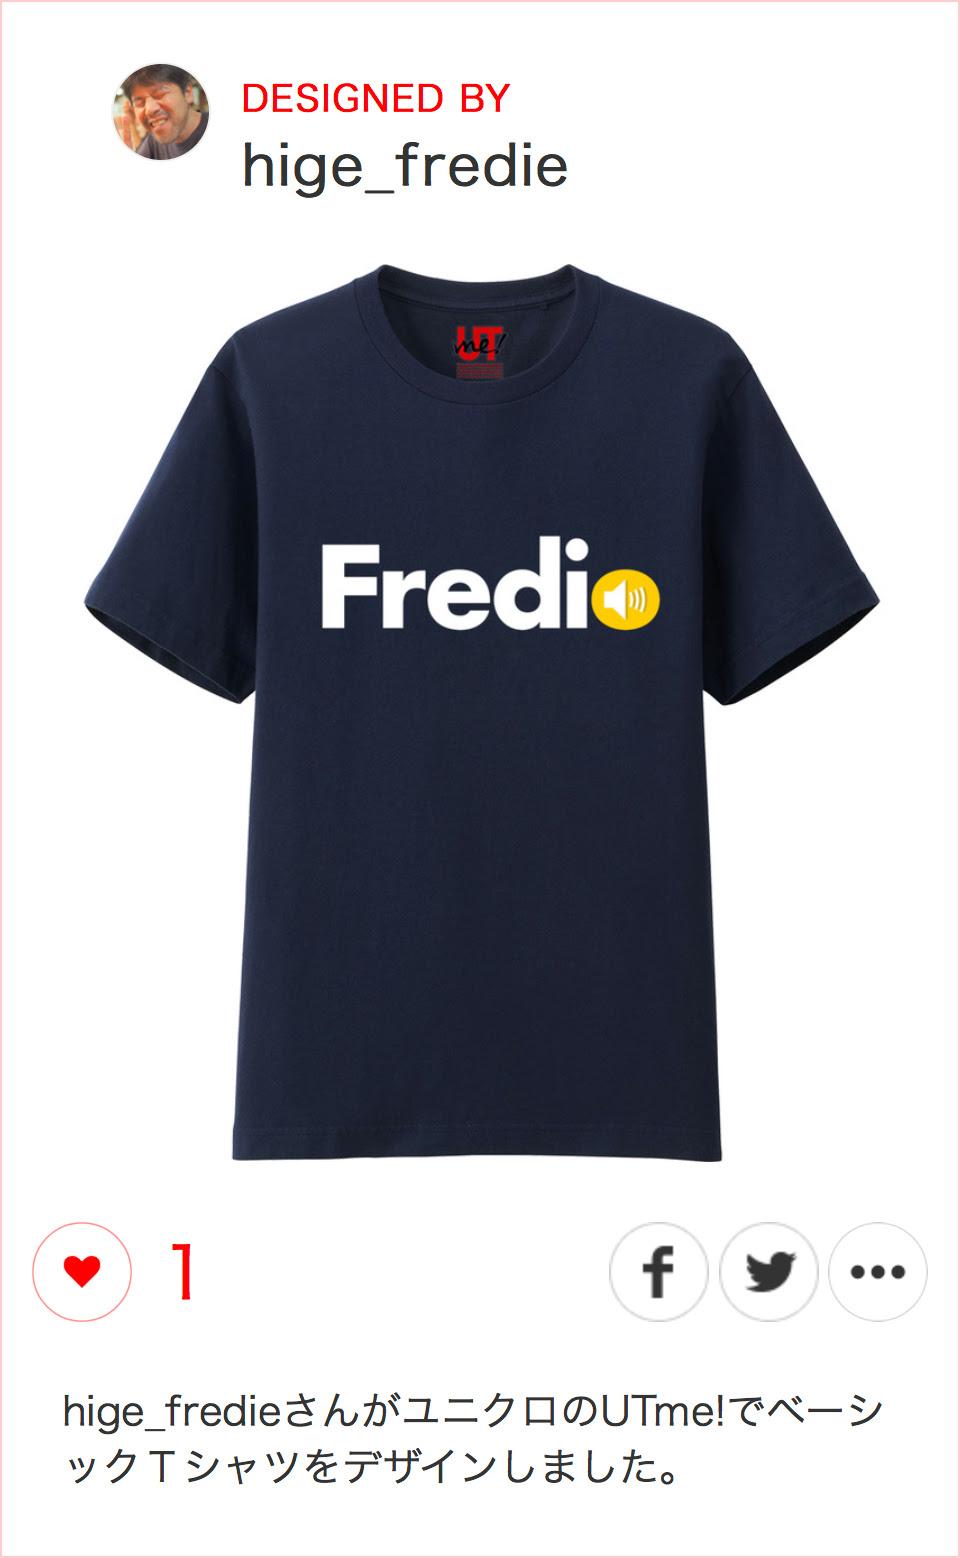 FredioのTシャツ(ユニクロ)